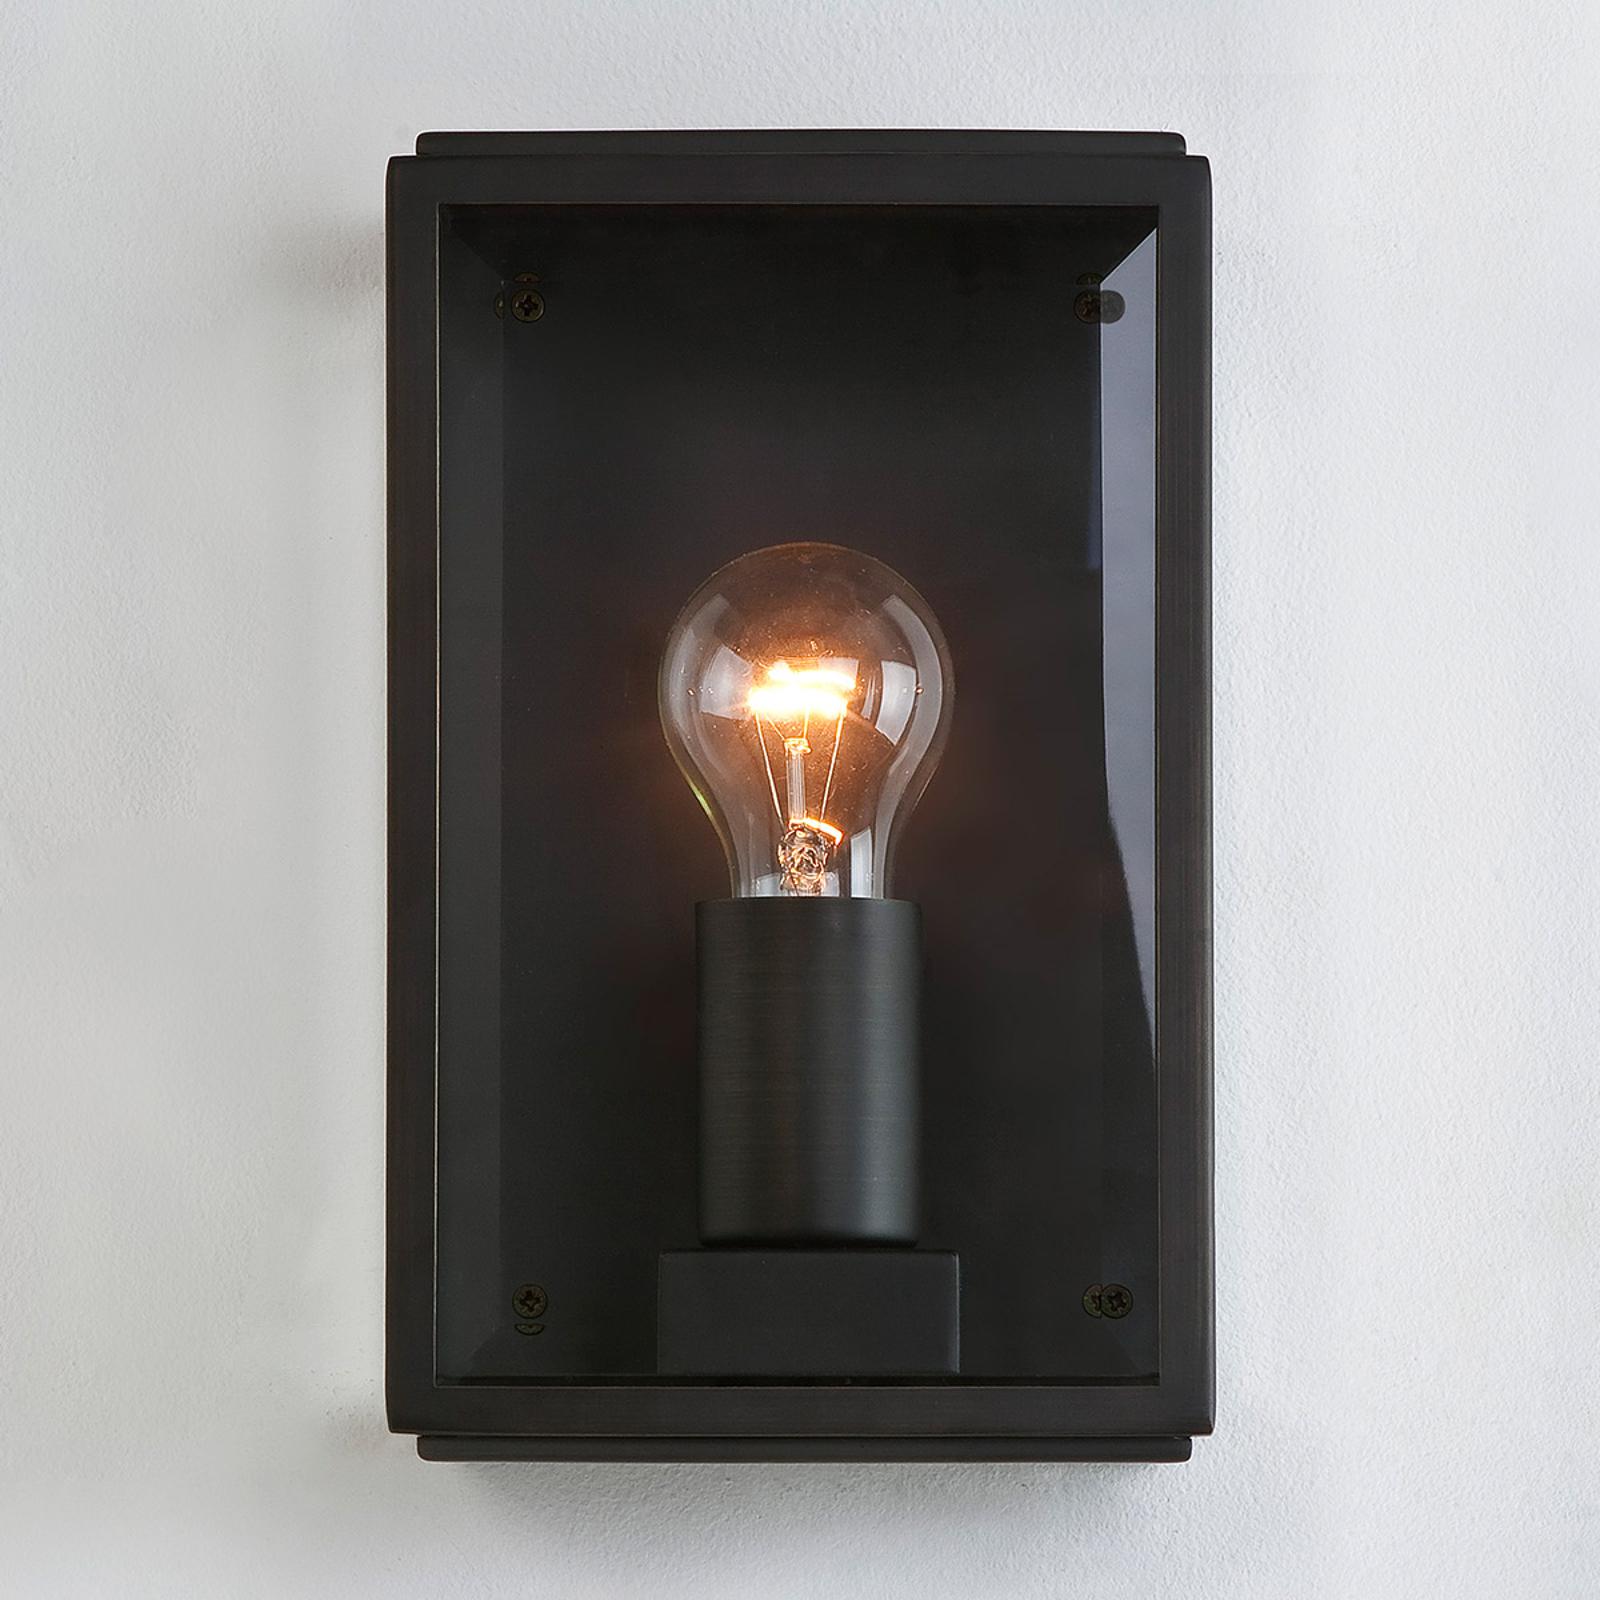 Decoratieve buiten-wandlamp HOMEFIELD SQUARE, zw